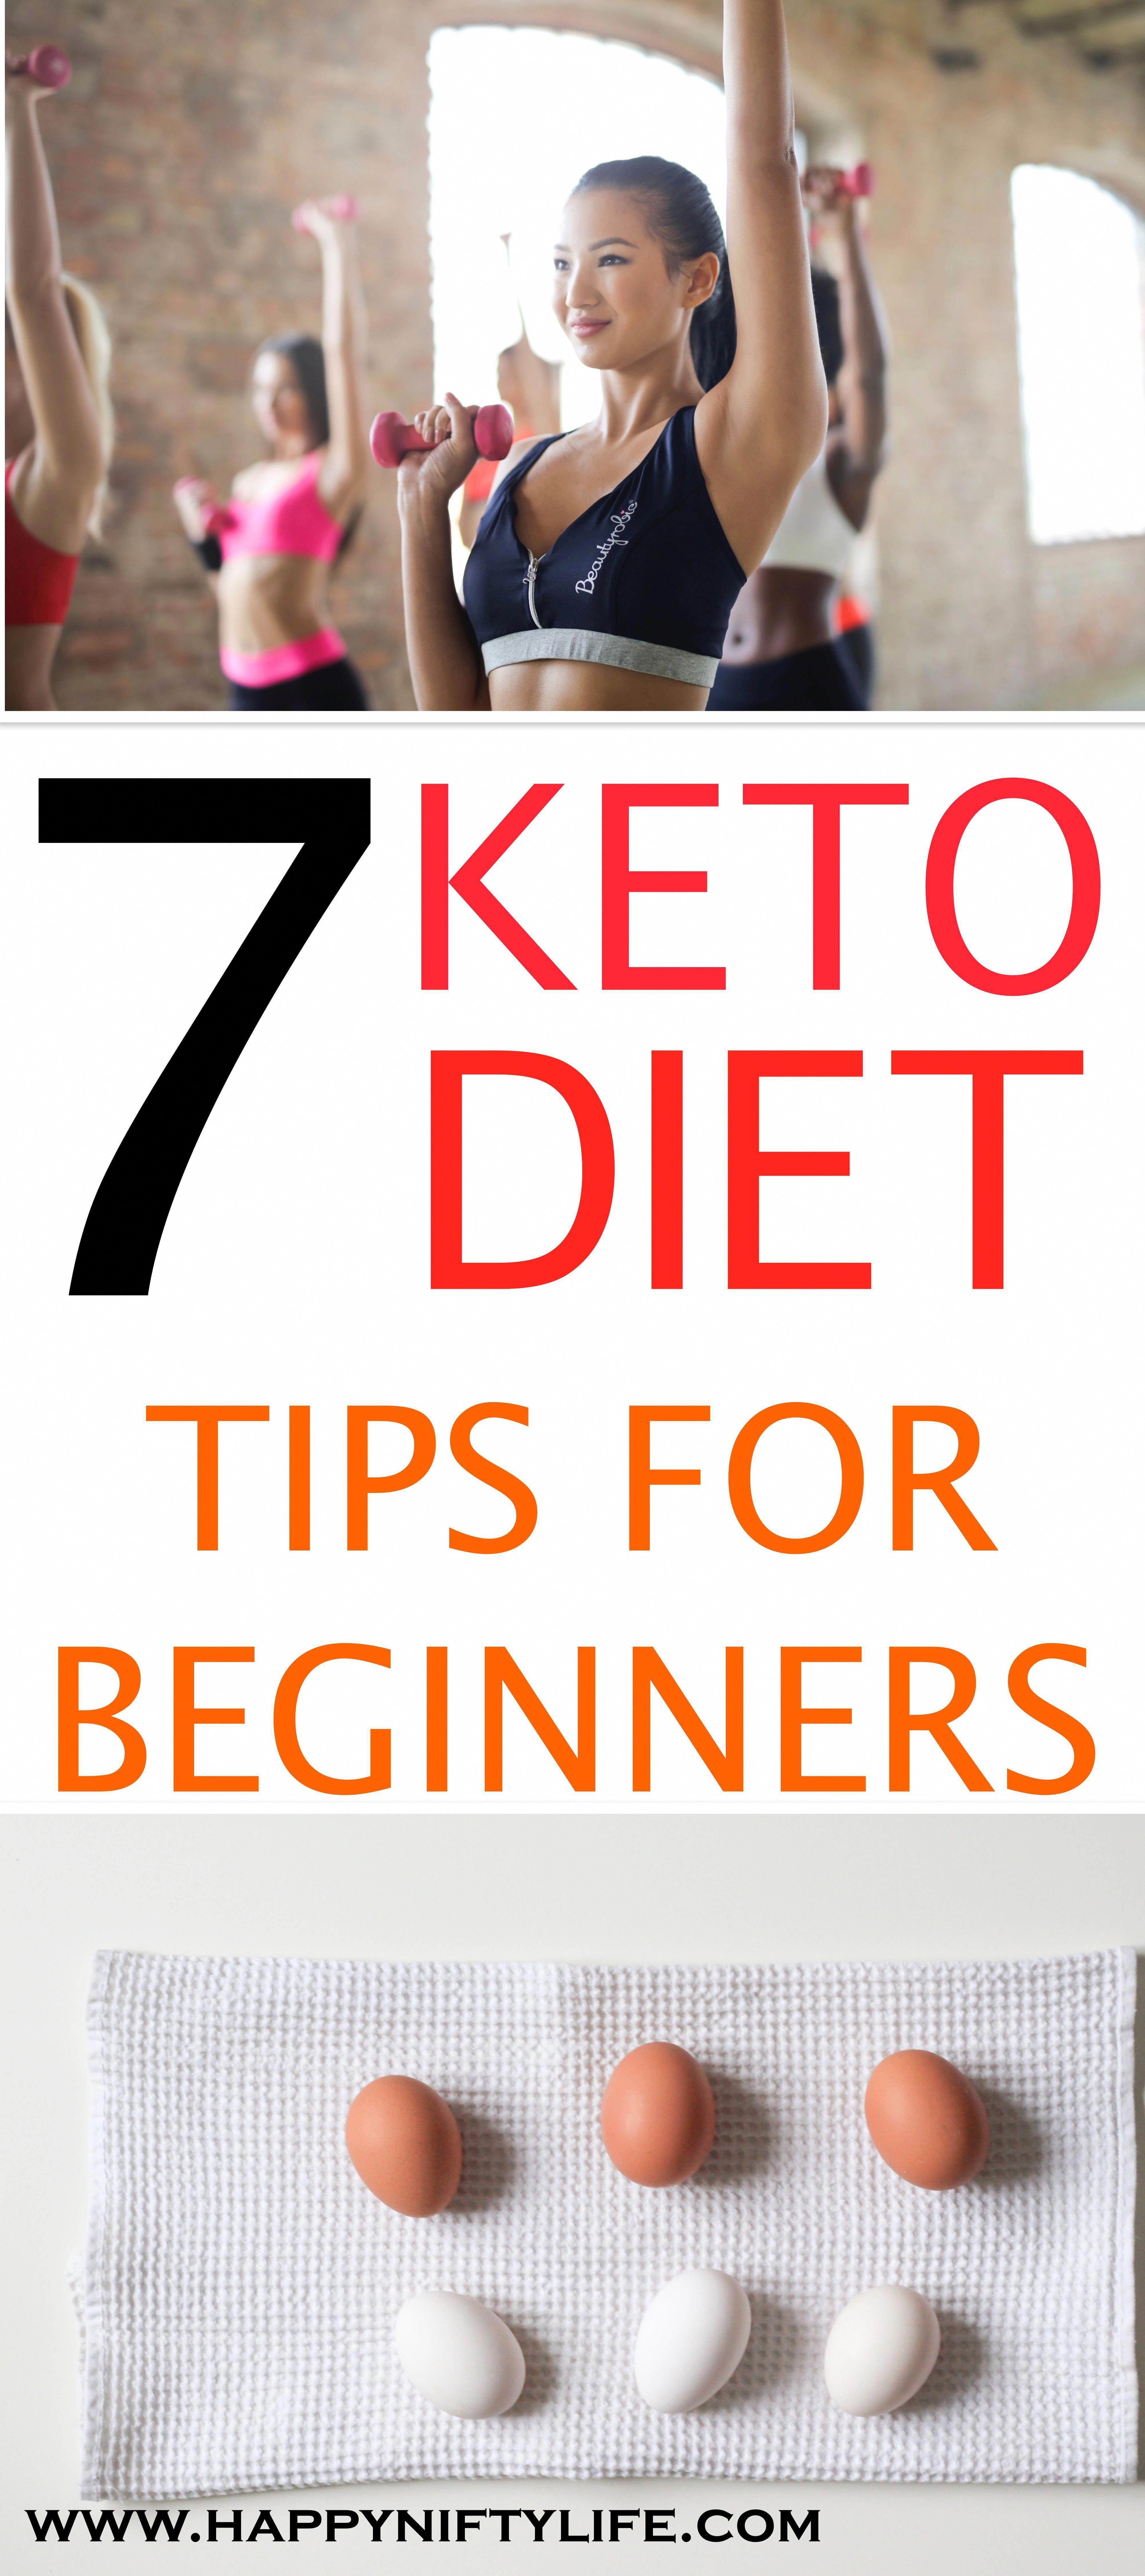 Ketogenic diet tips for beginners. #ketodiet #keto #ketogenicdiet #ketogenic #weightlossdiet #losewe...